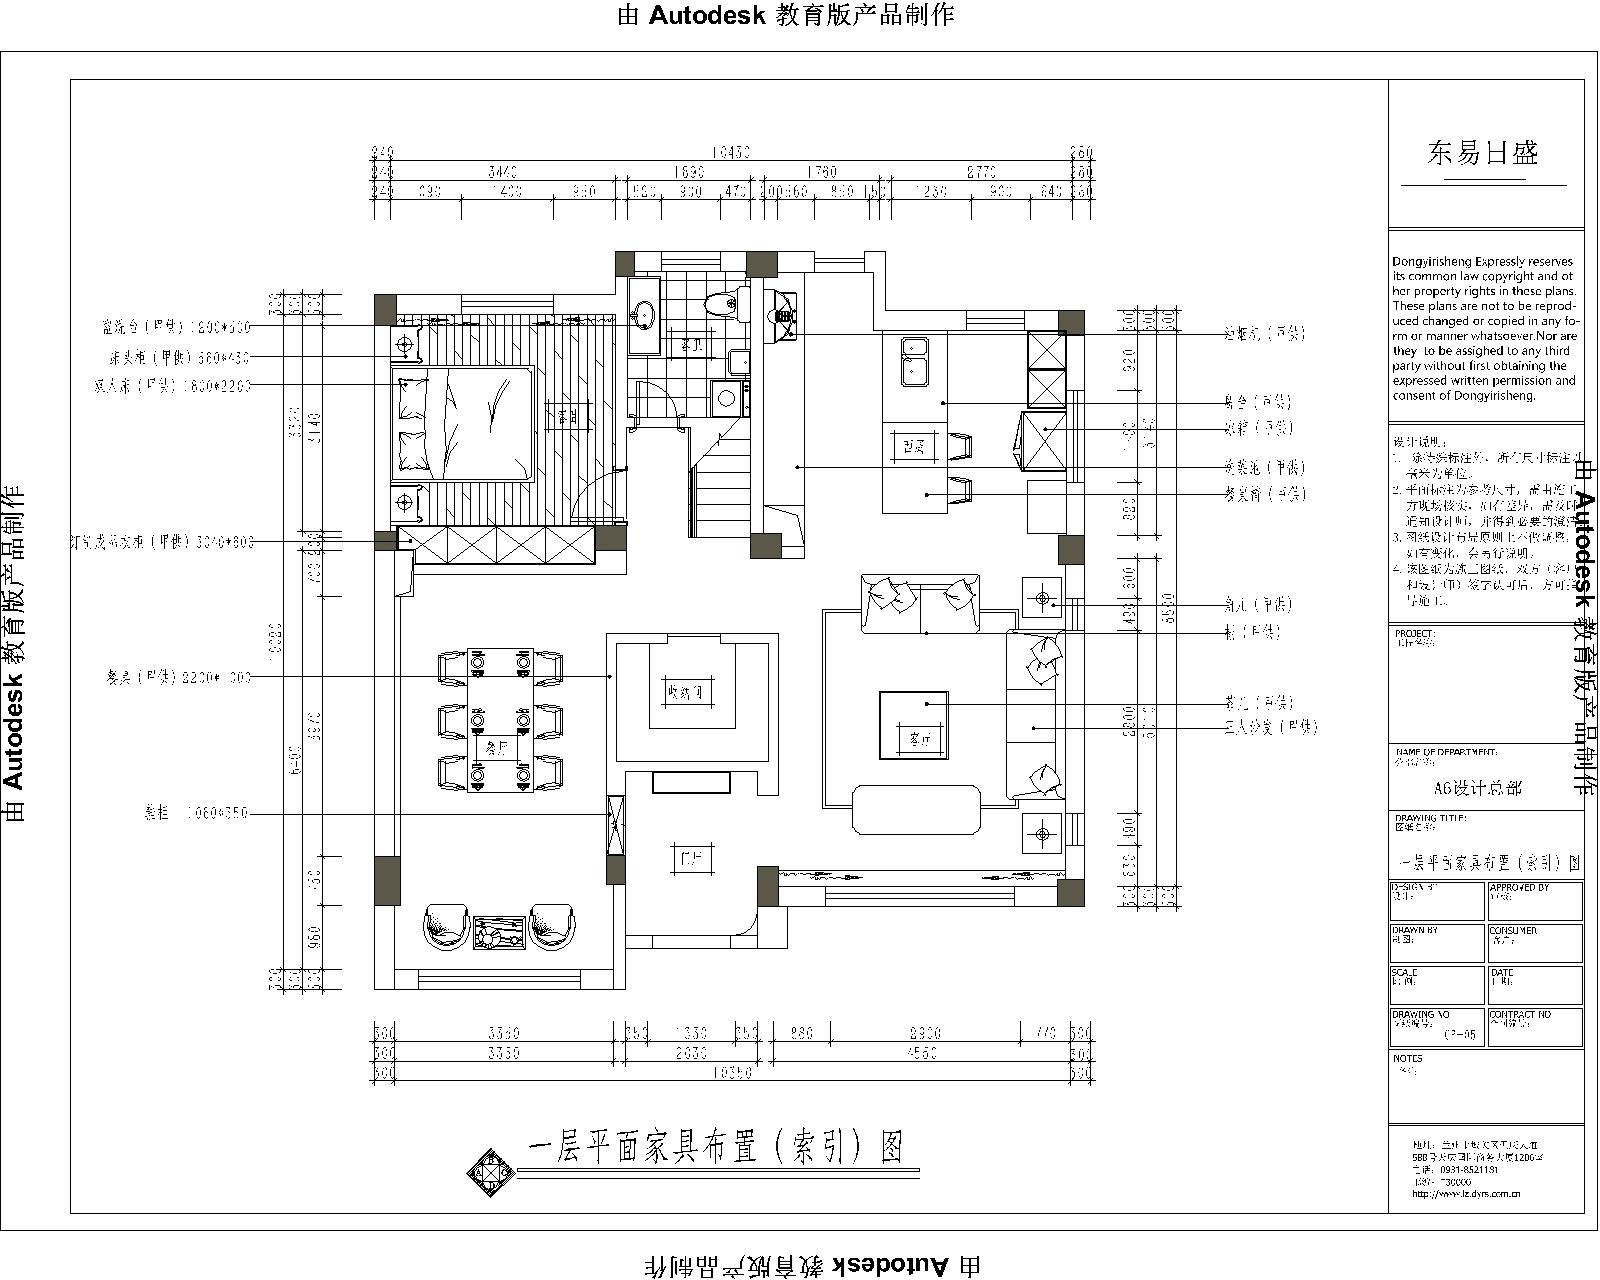 碧桂园-262平米-台式风格装修案例效果图装修设计理念